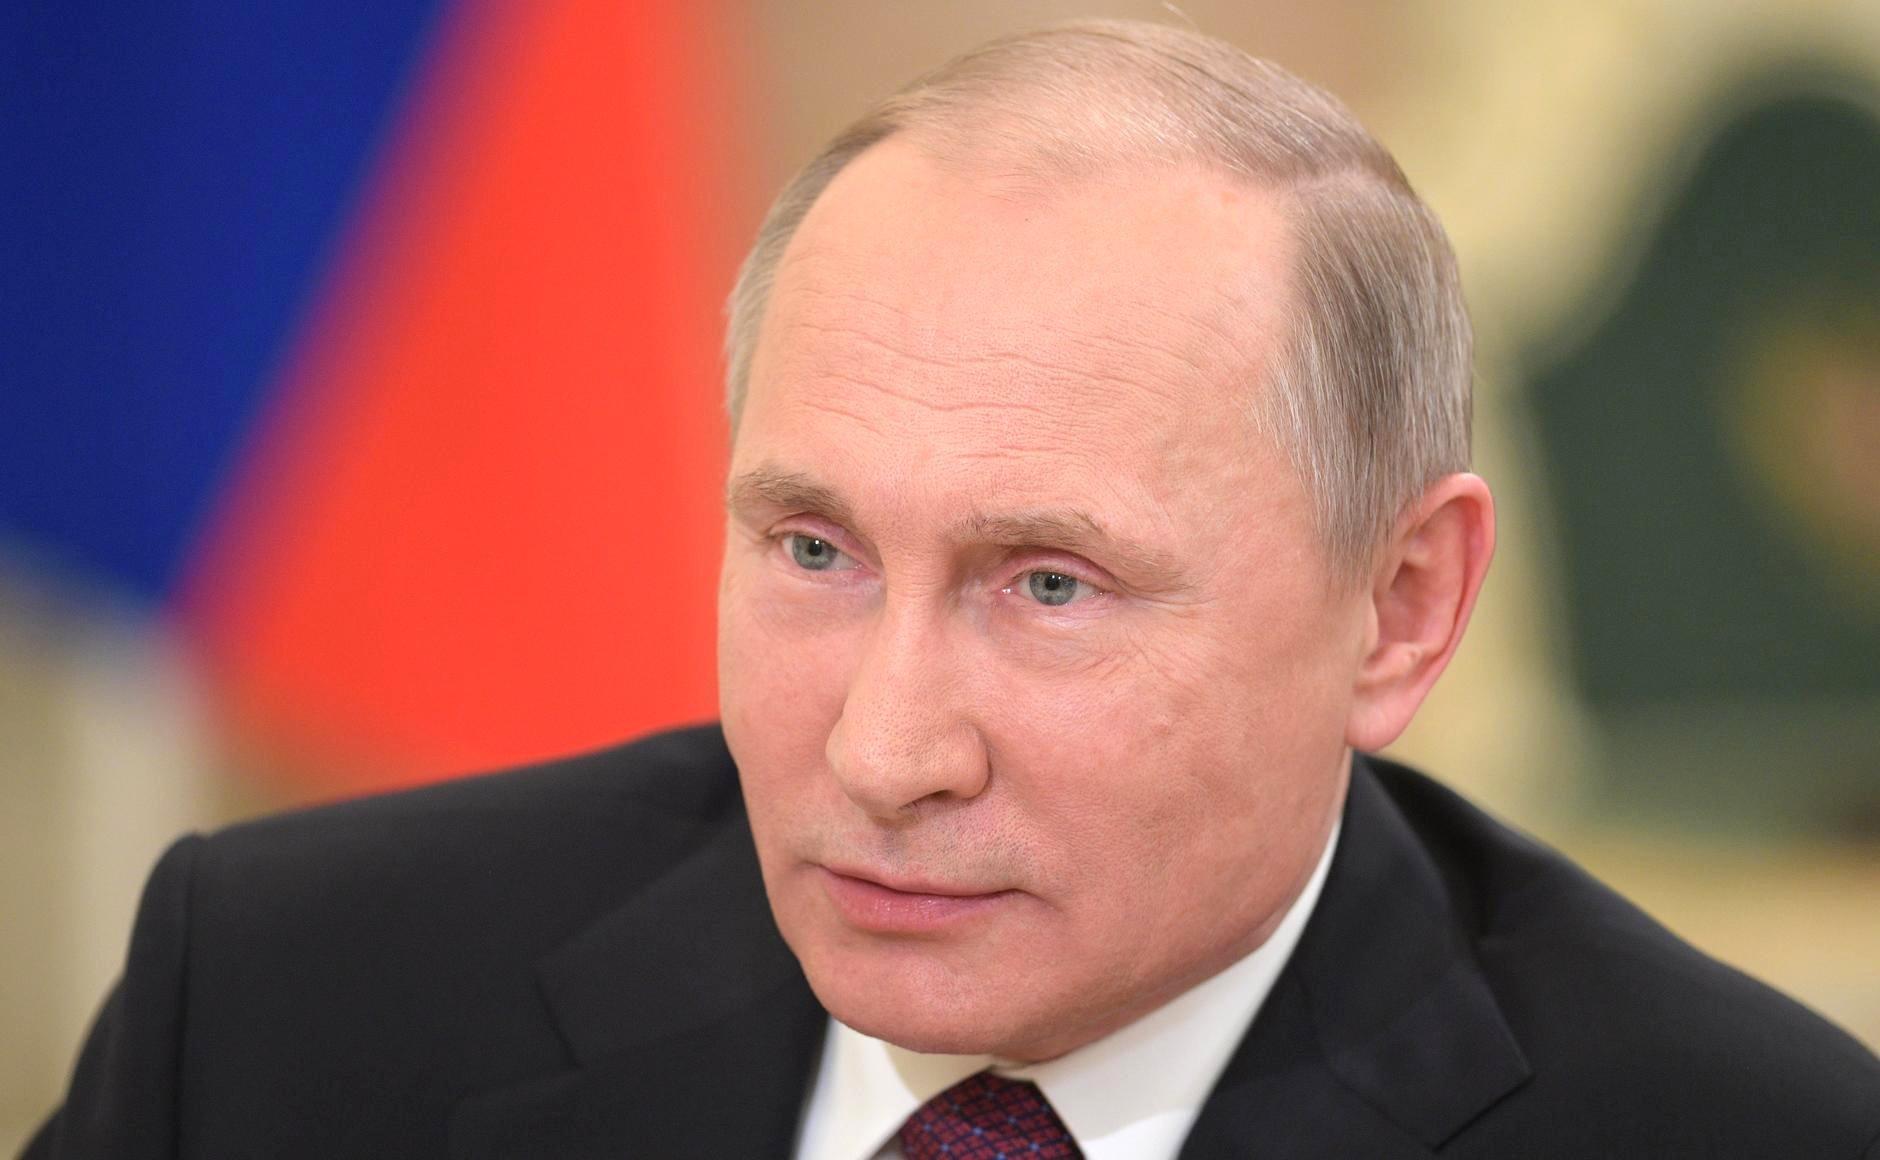 Богдан Яременко: Не те Путин мультики смотрел